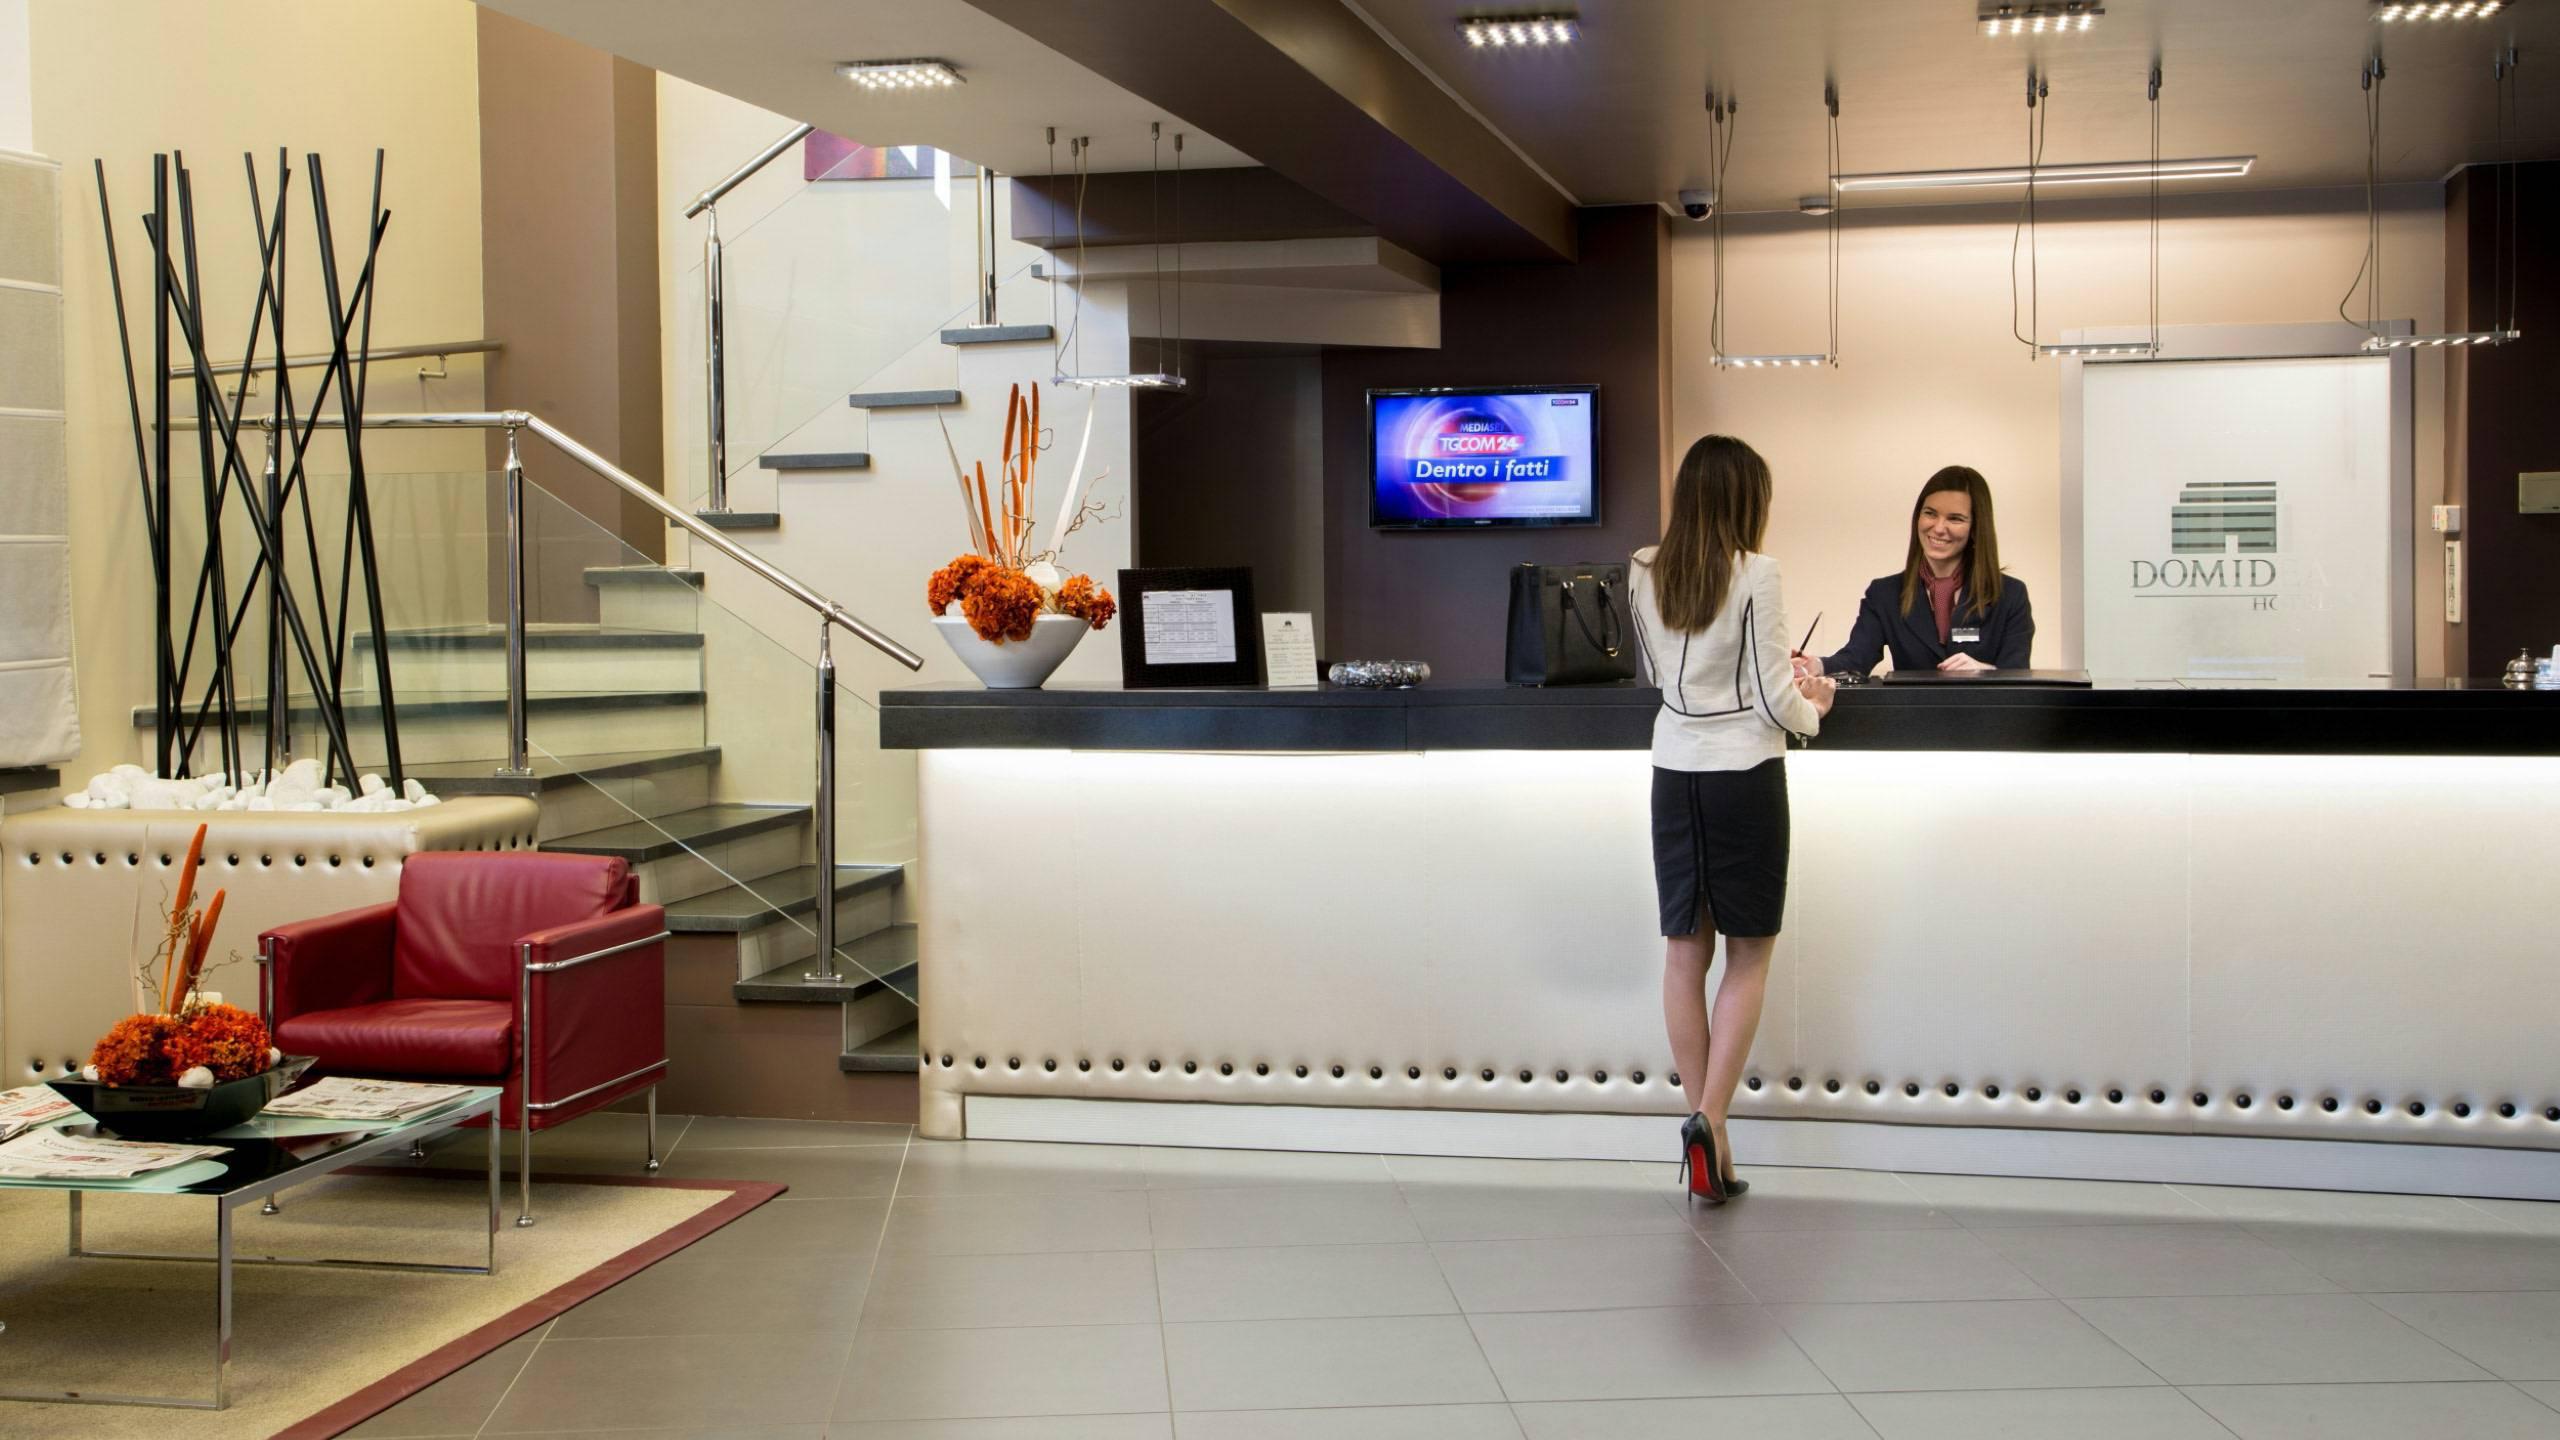 hotel-domidea-roma-aree-comuni-02